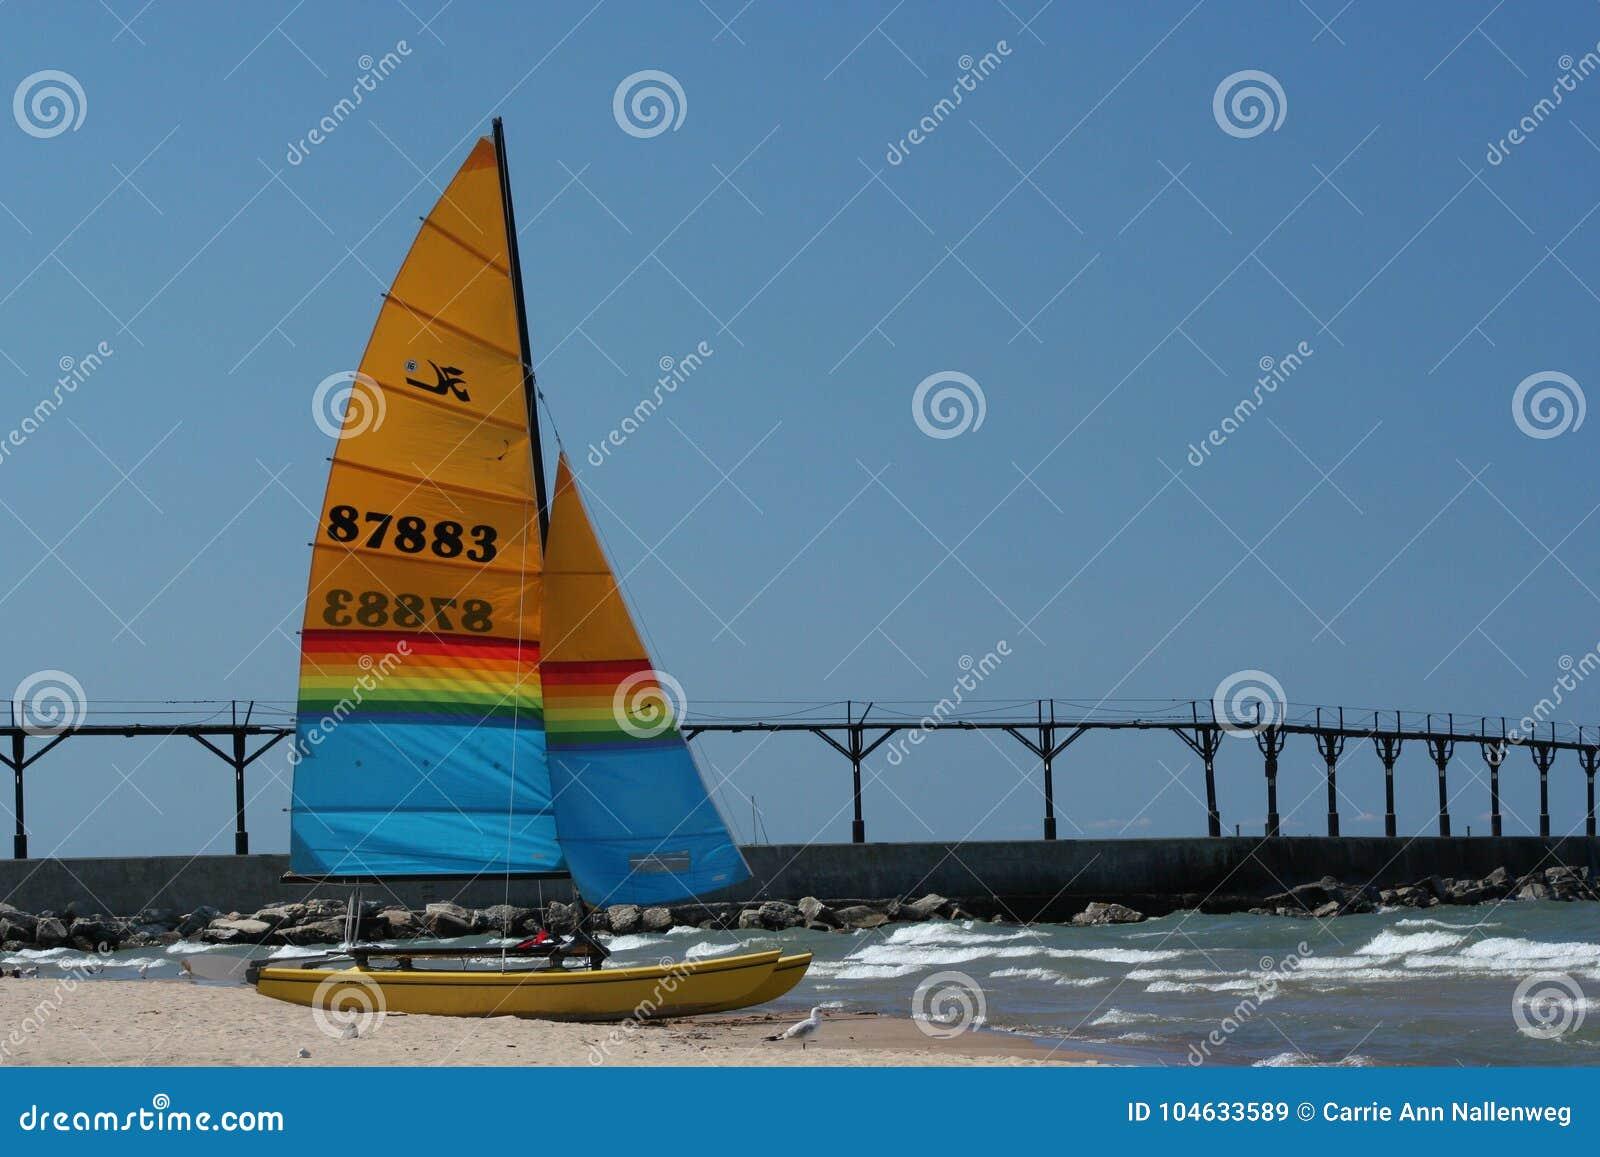 Download Catamaranzitting Op Het Strand Op Meer Michigan In De Stad Van Michigan, Indiana Redactionele Stock Afbeelding - Afbeelding bestaande uit summer, beeld: 104633589